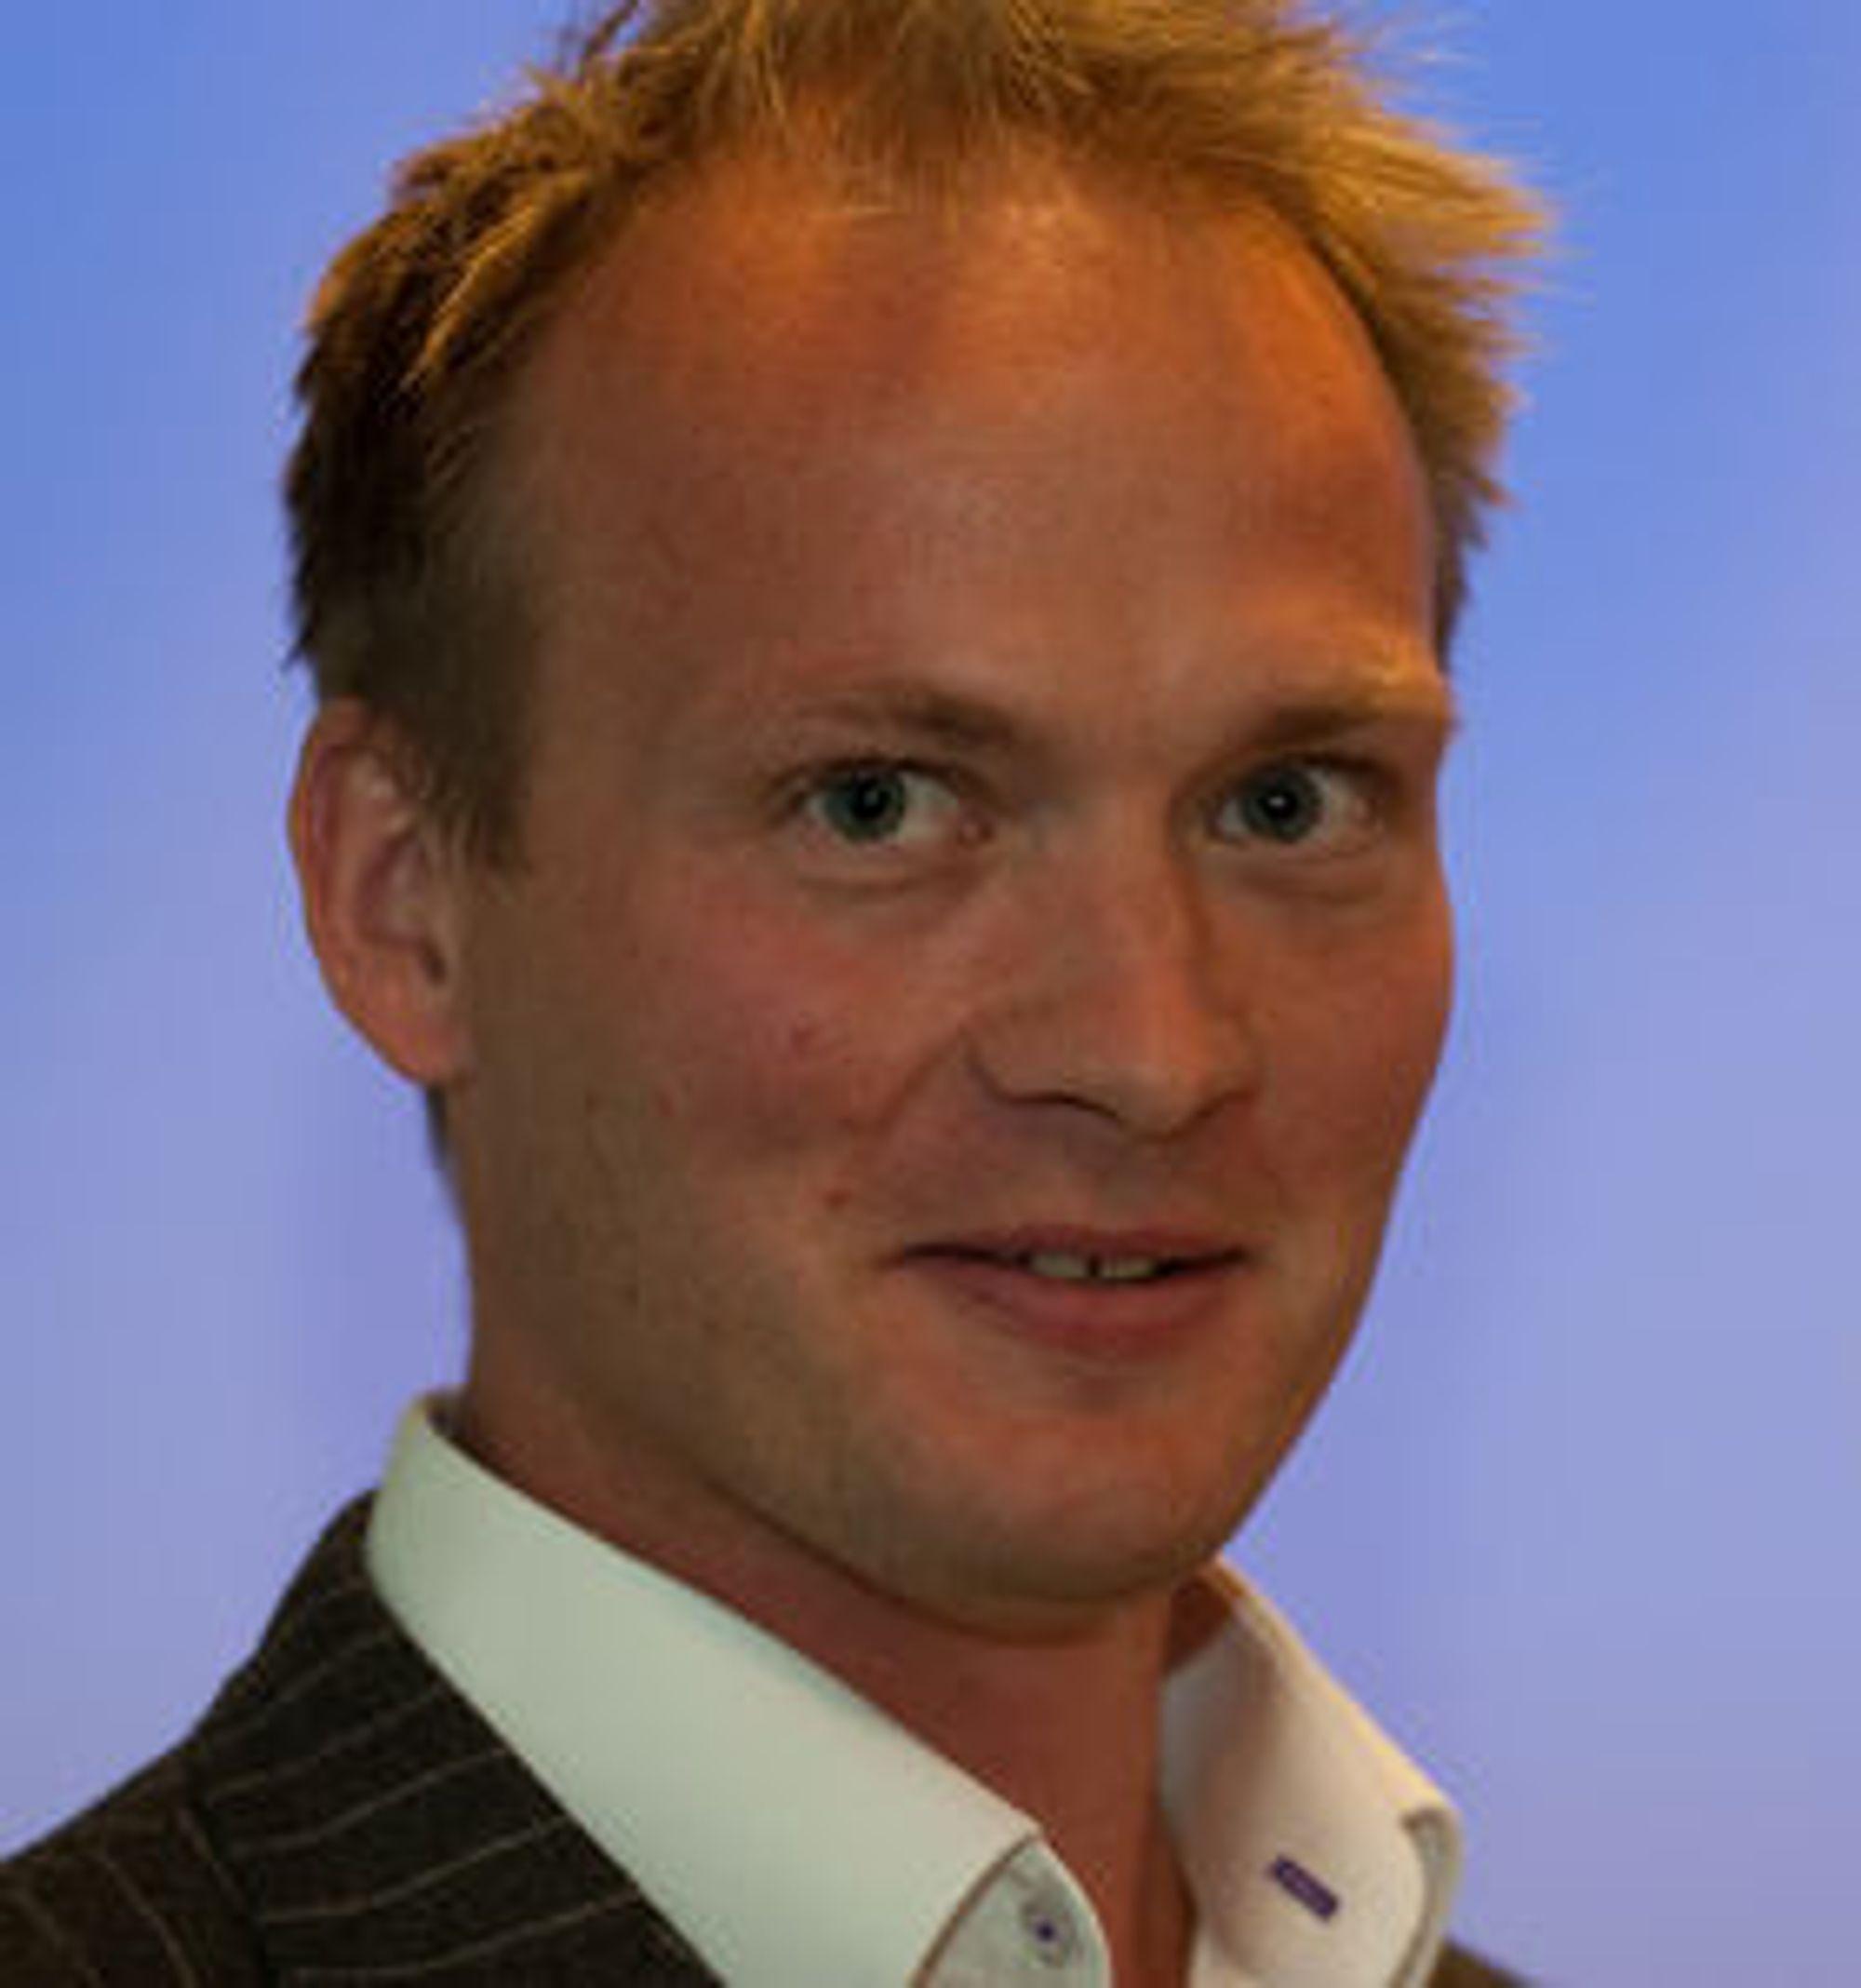 PÅ OFFENSIVEN: - Vi konkurrerer med aktører som Adobe og Oracle, sier teknologidirektør Bård Farstad i eZ Systems.